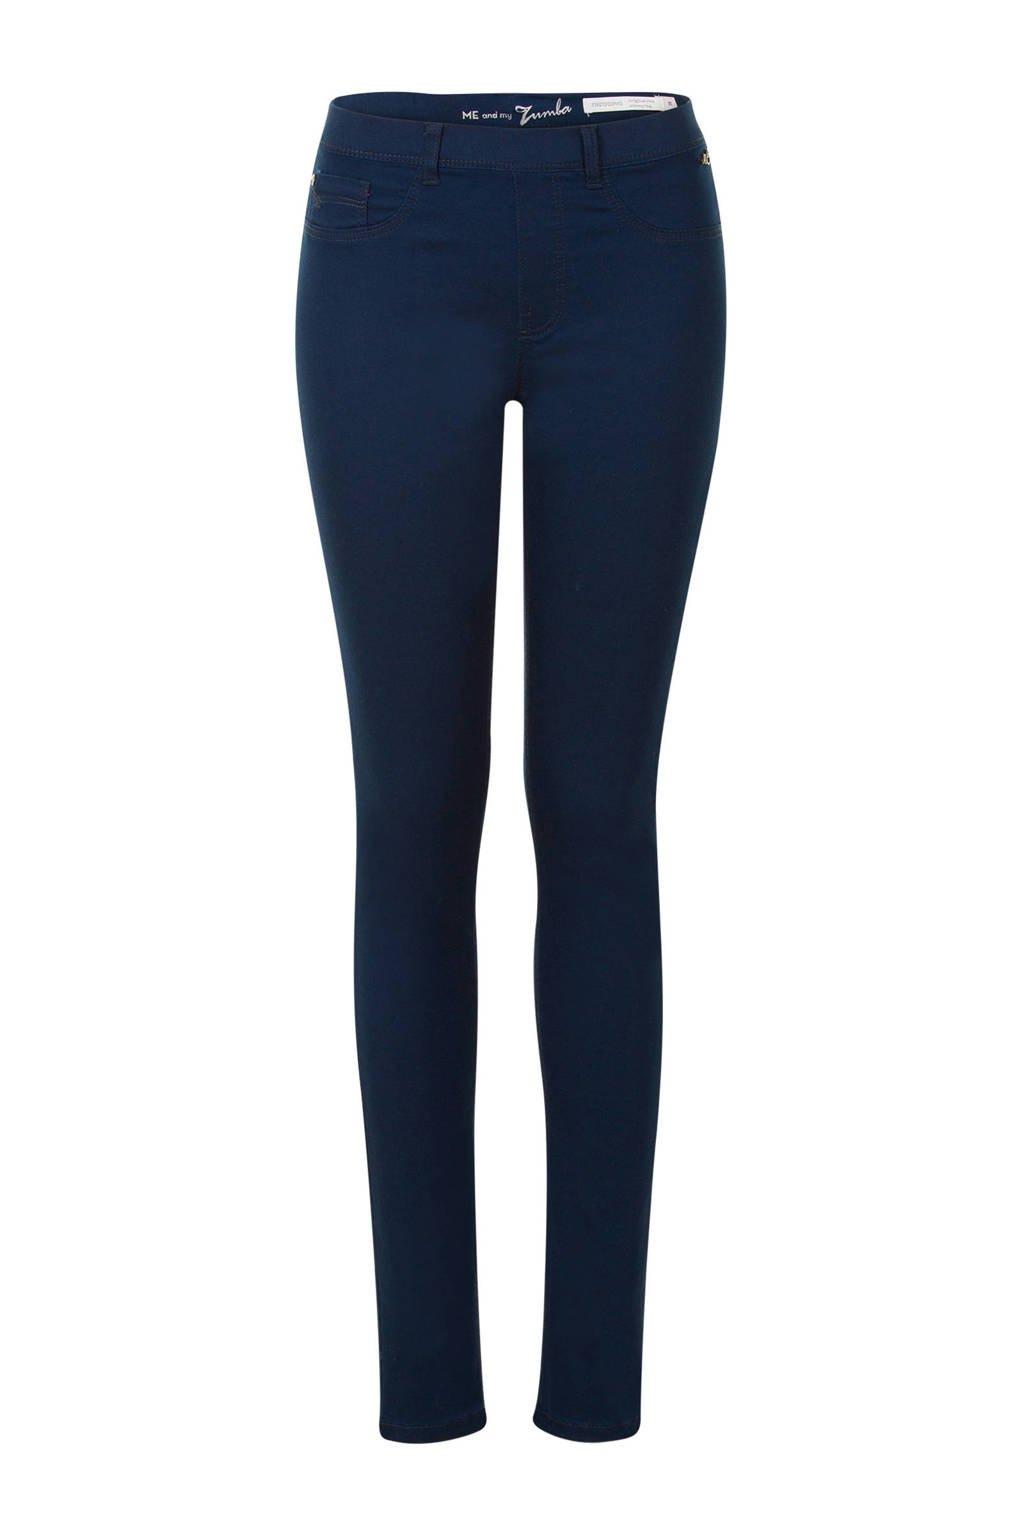 Miss Etam Lang slim fit tregging blauw 36 inch, Blauw